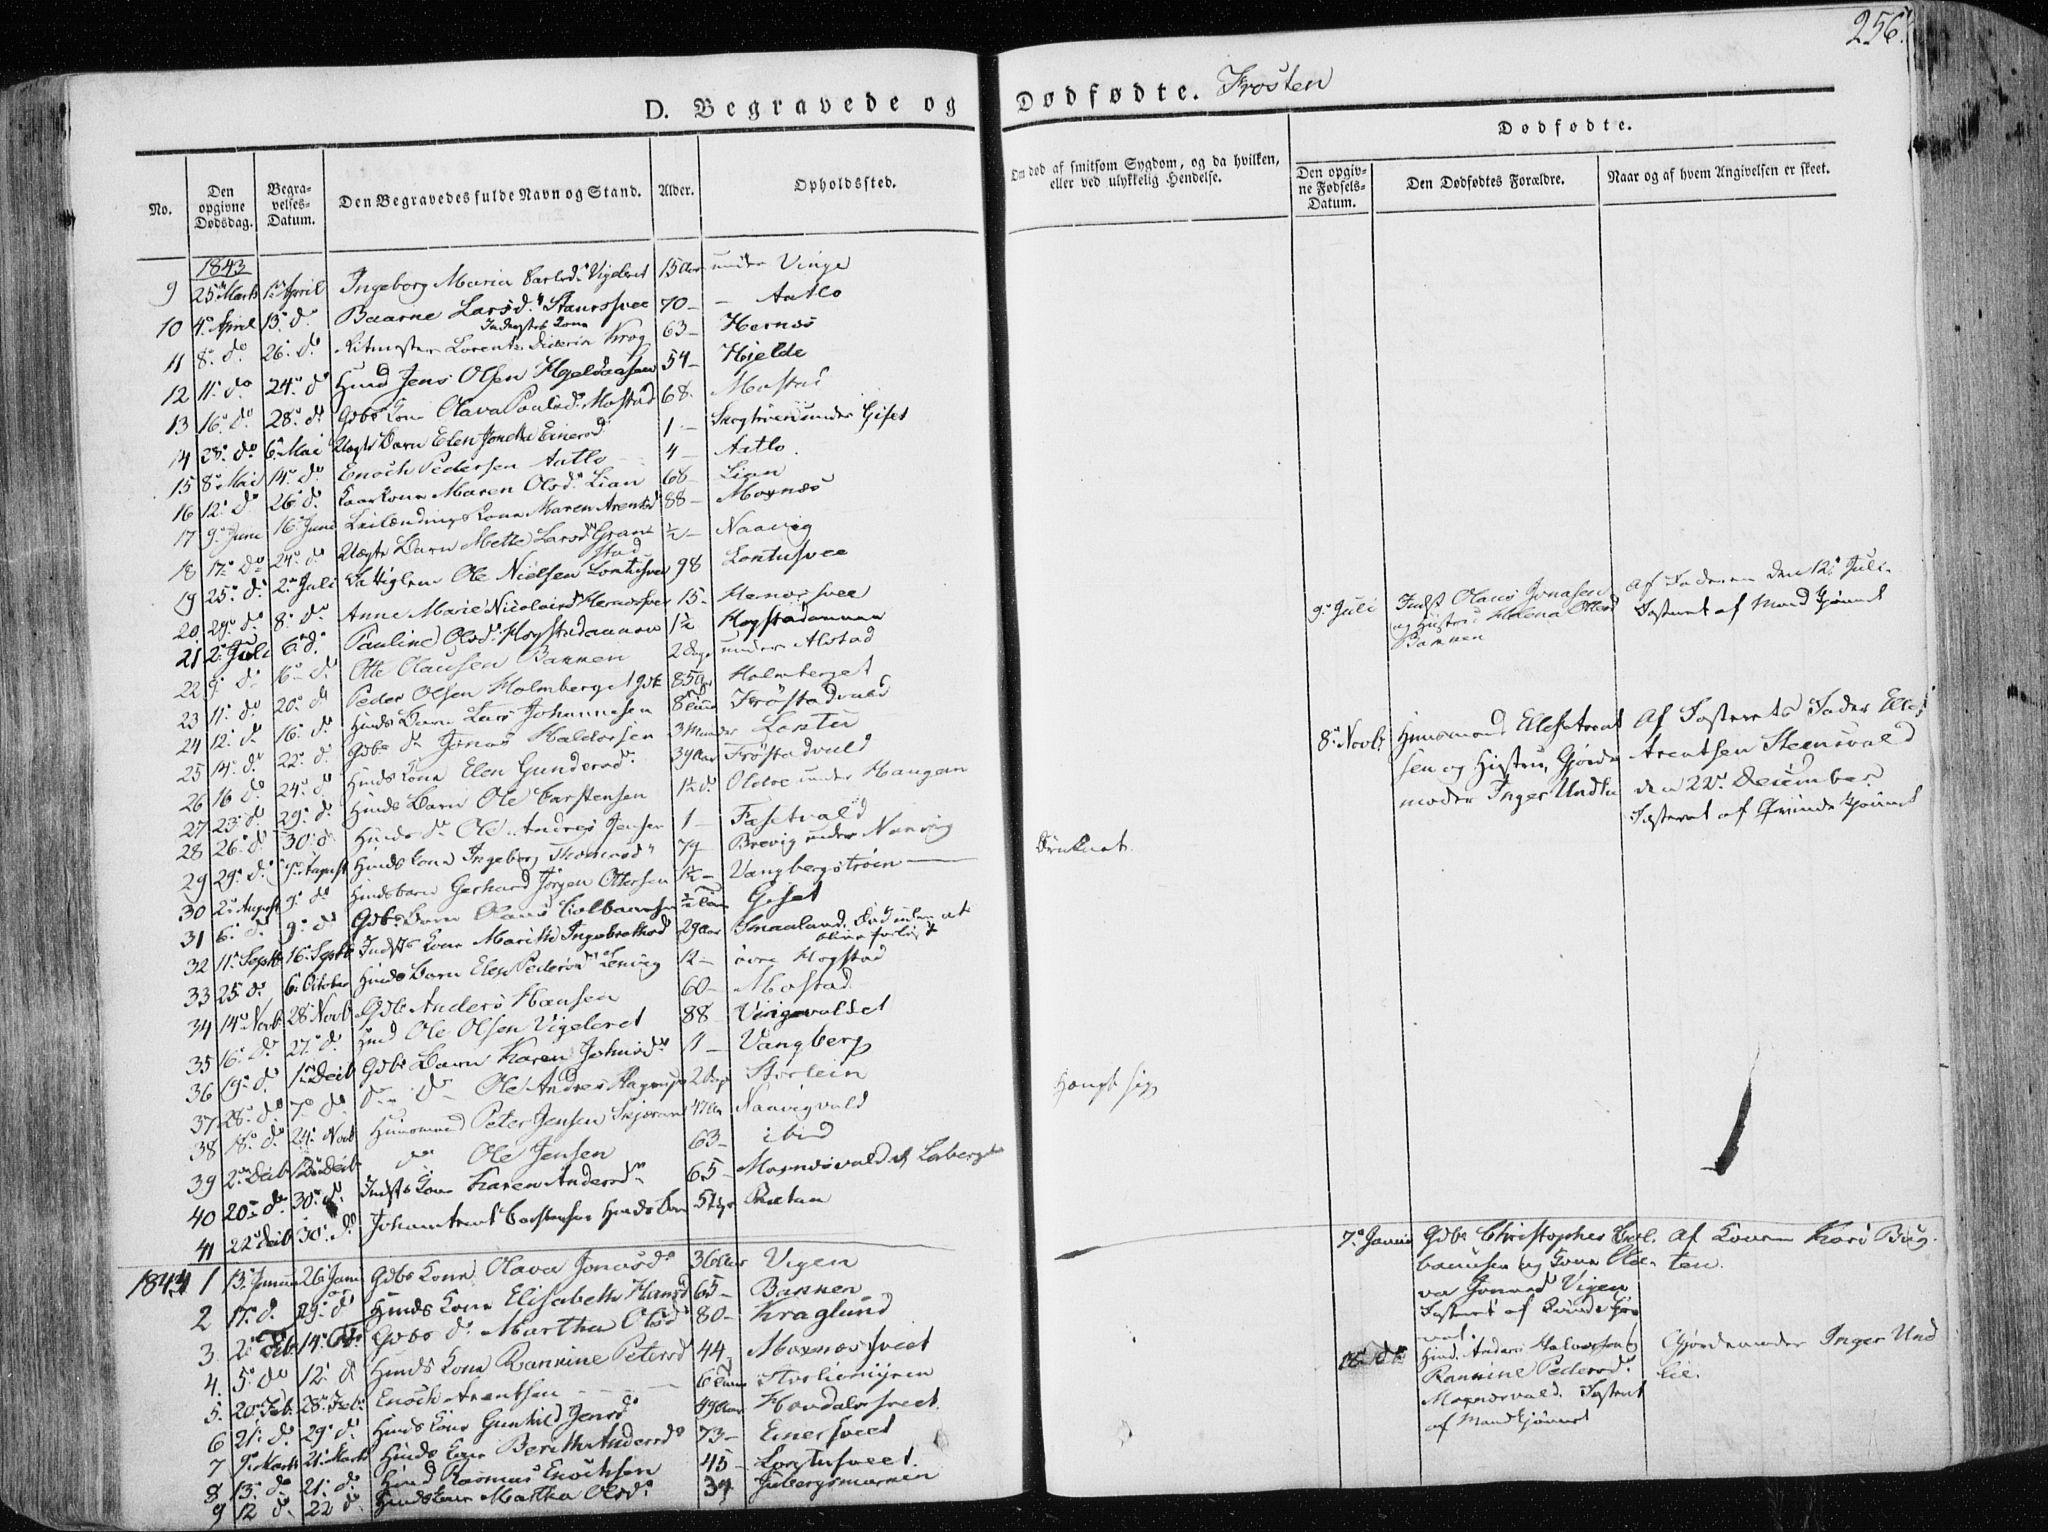 SAT, Ministerialprotokoller, klokkerbøker og fødselsregistre - Nord-Trøndelag, 713/L0115: Ministerialbok nr. 713A06, 1838-1851, s. 256